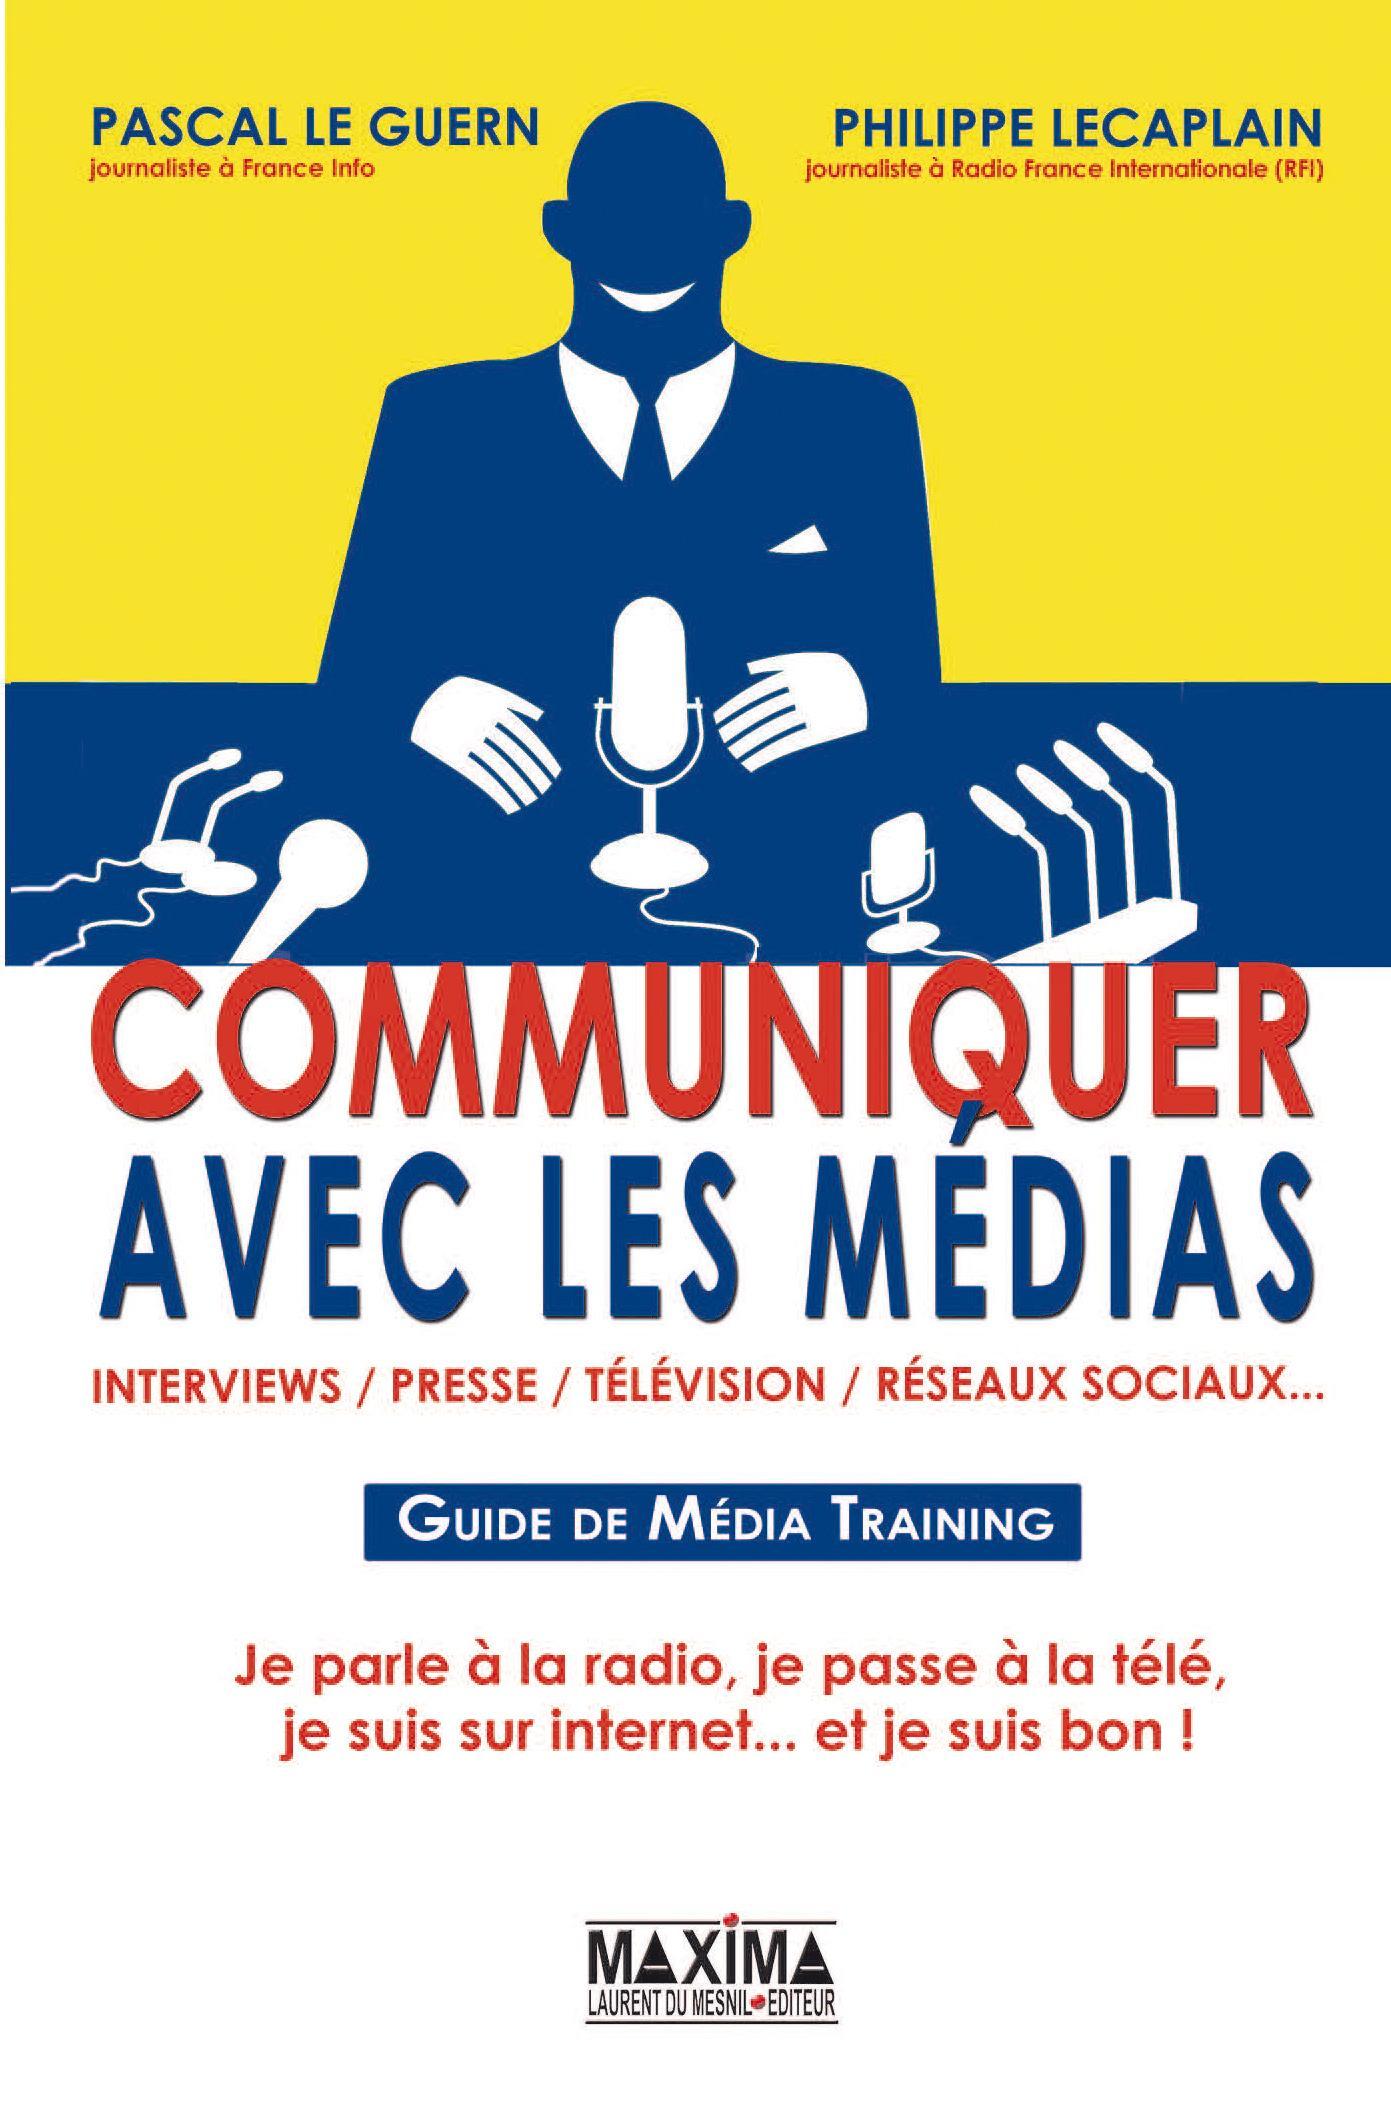 Communiquer avec les médias, INTERVIEW, PRESSE, TÉLÉVISION, RÉSEAUX SOCIAUX